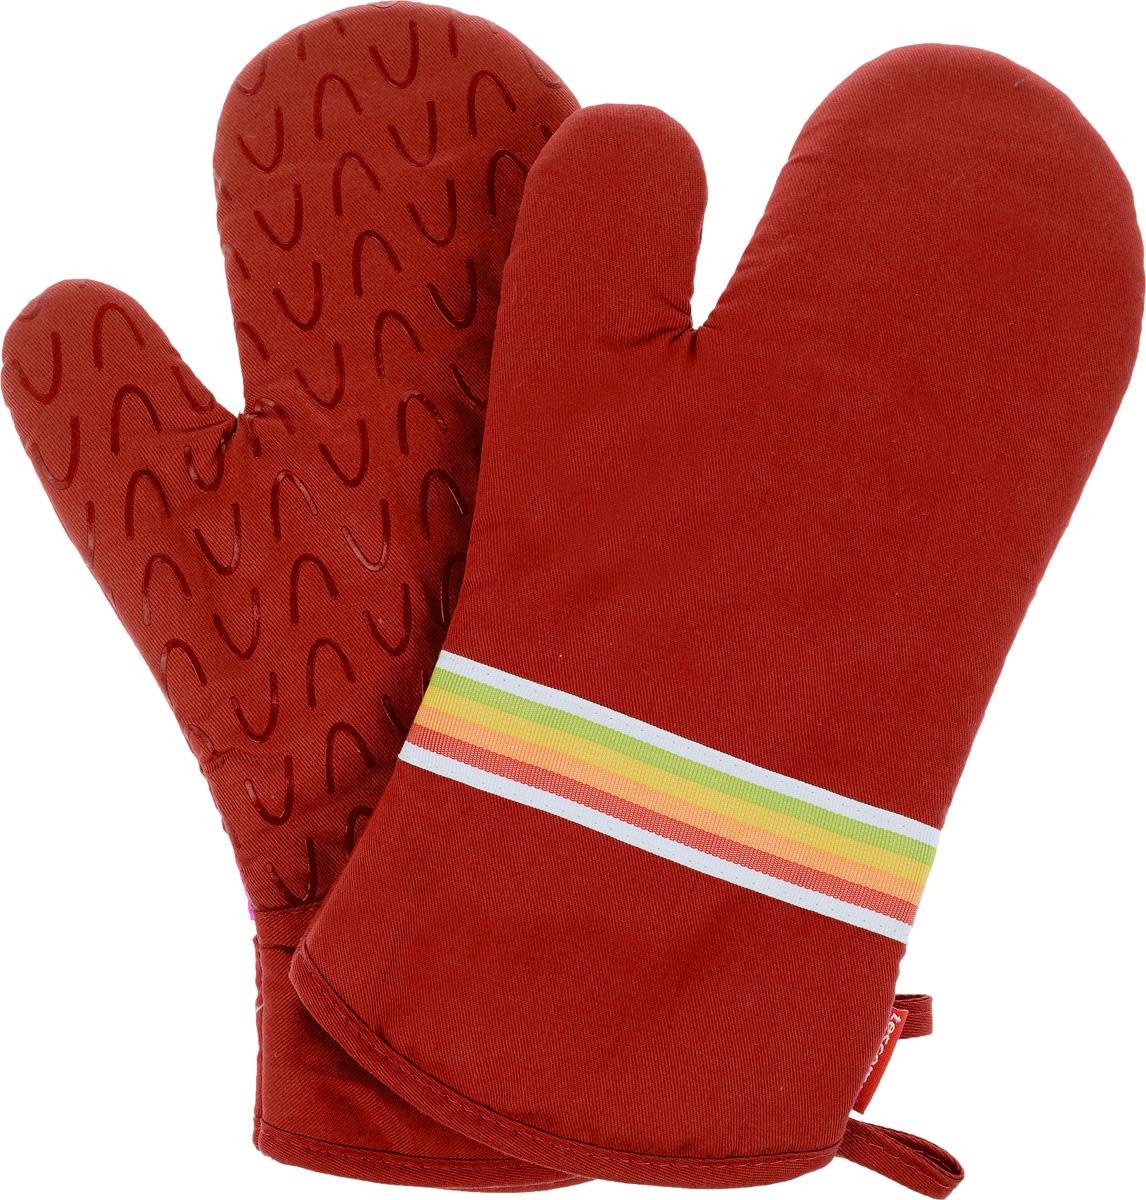 Рукавица-прихватка Tescoma Presto Tone, цвет: красный, 33 х 18 см, 2 шт639751_красныйРукавица-прихватка Tescoma Presto Tone, изготовленная из 100% хлопка и термостойкого силикона, имеет яркий дизайн. Для простоты и удобства хранения, изделие оснащено петелькой для подвешивания и магнитом. Такая прихватка защитит ваши руки от высоких температур и предотвратит появление ожогов. Рекомендуется стирка при температуре 30°С. Размер изделия (ДхШ): 33 х 18 см.Комплектация: 2 шт.